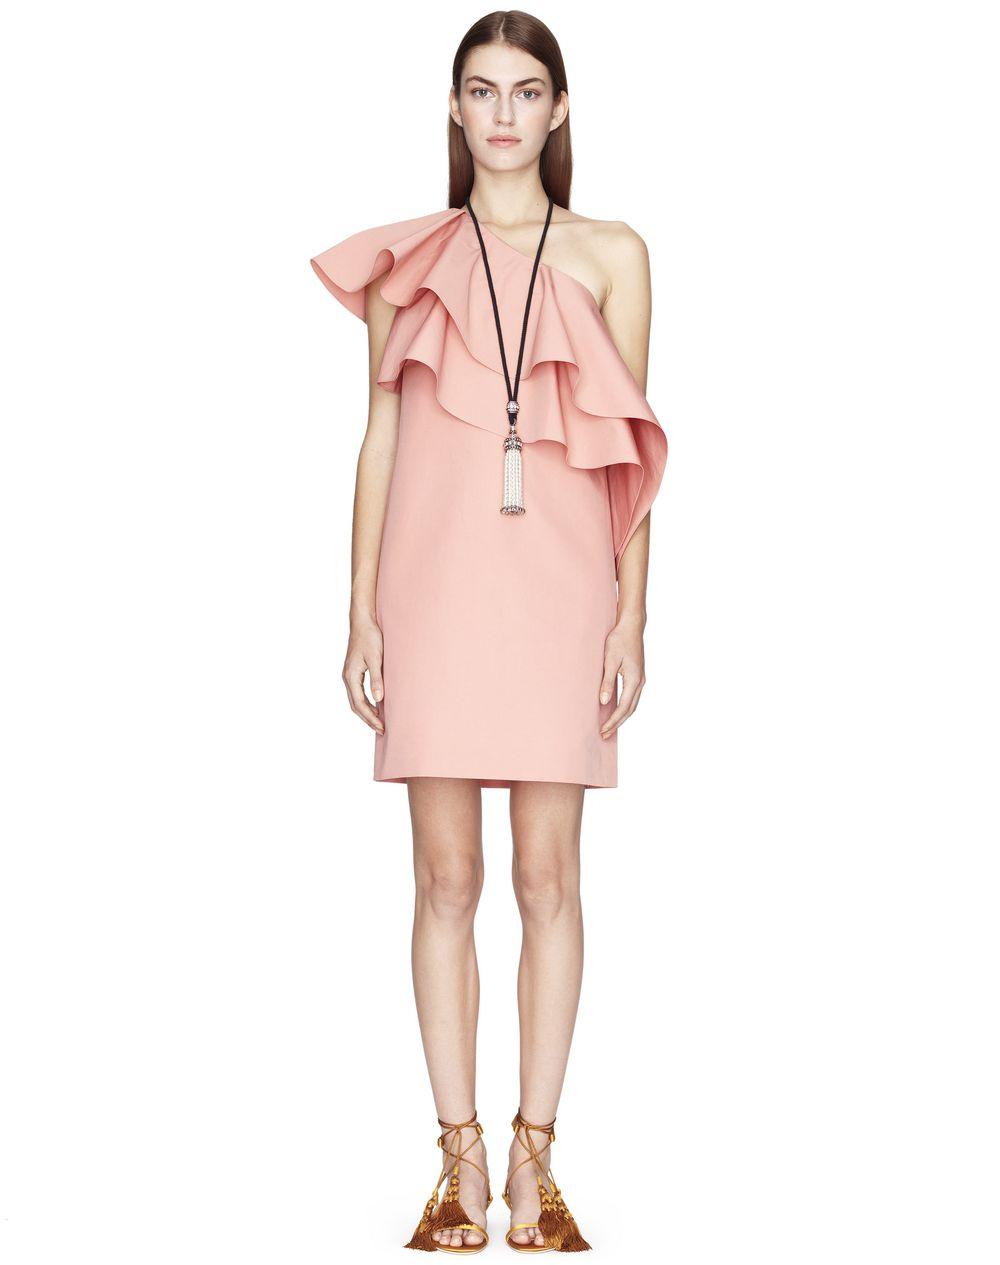 Robe courte en coton tissé de couleur blush Lanvin Prix€1 290